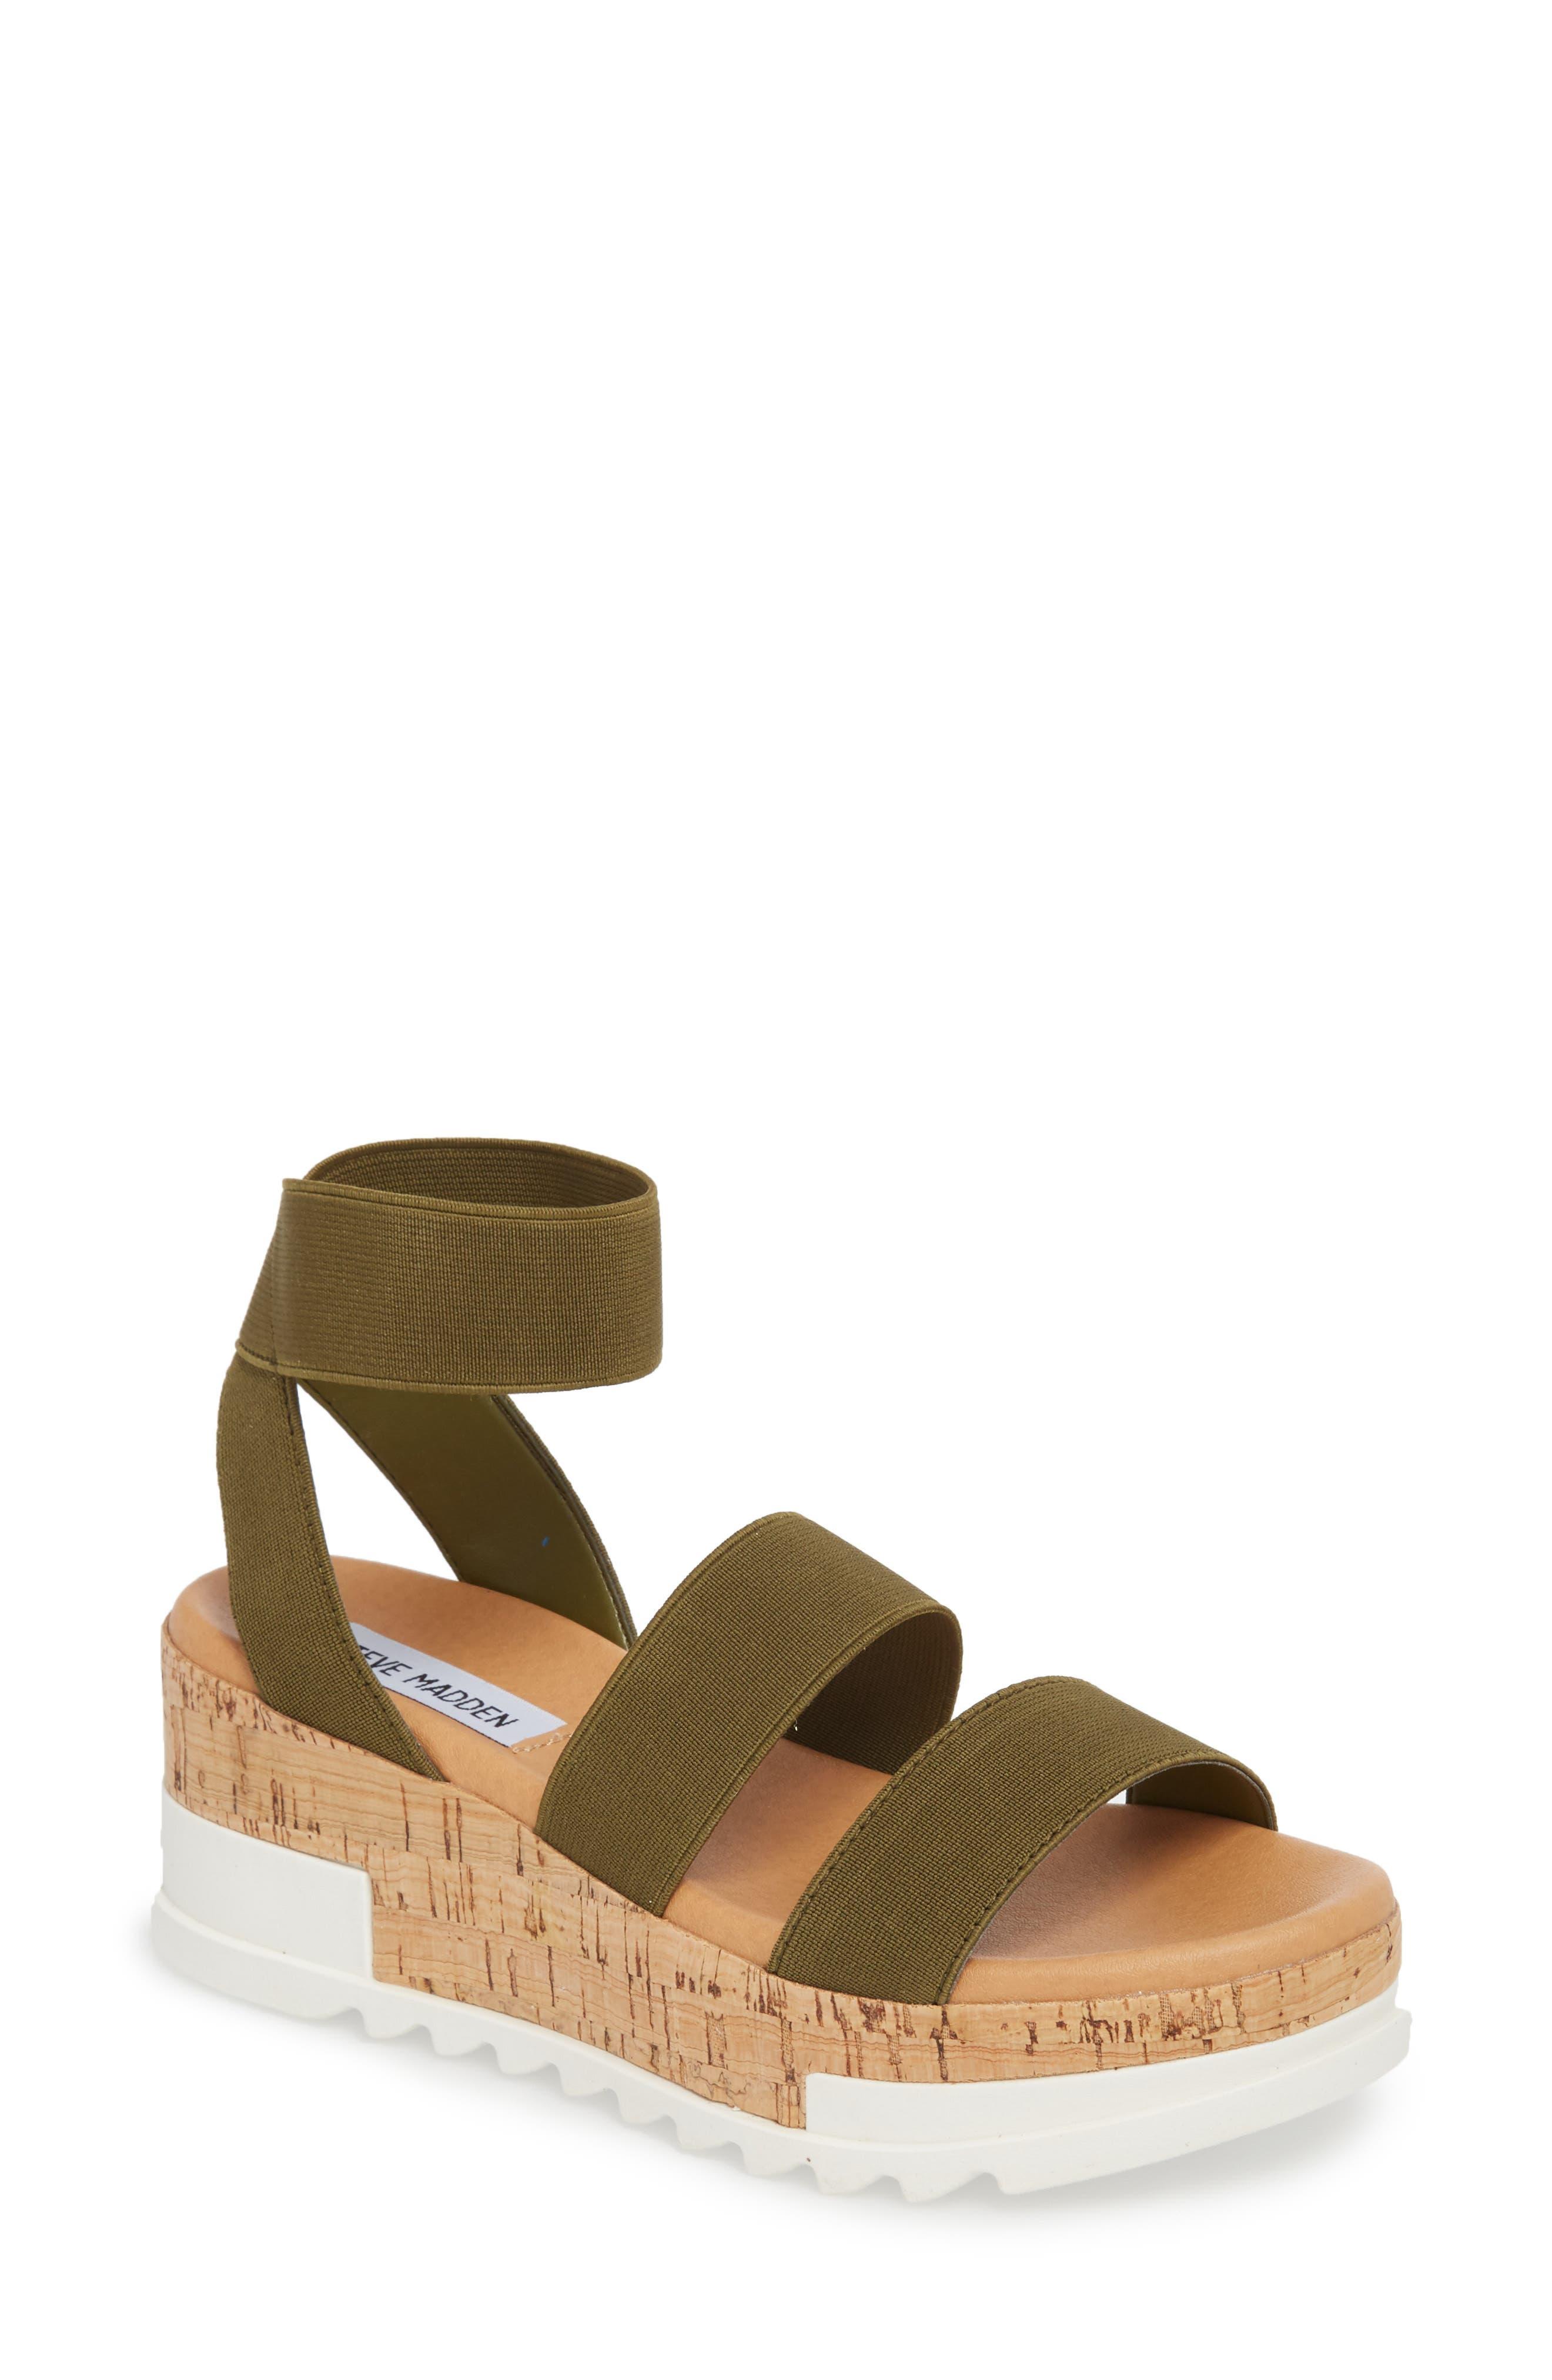 STEVE MADDEN Bandi Platform Wedge Sandal, Main, color, OLIVE